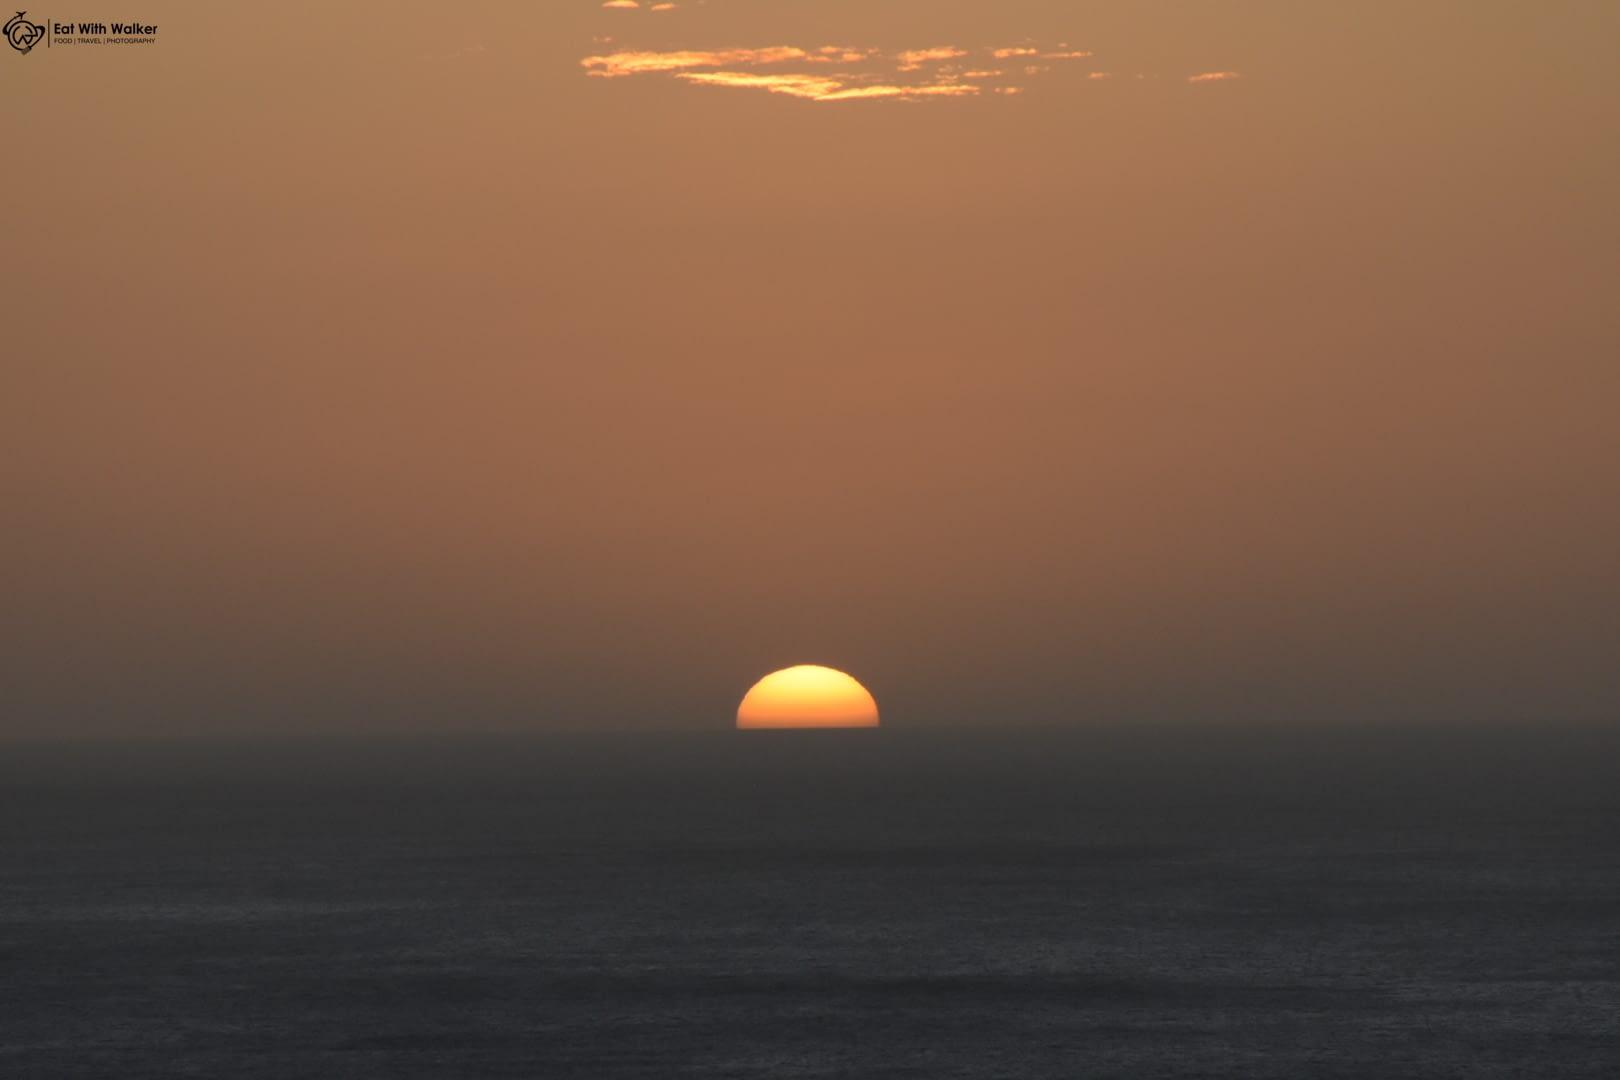 Sunset - San Juan del Sur